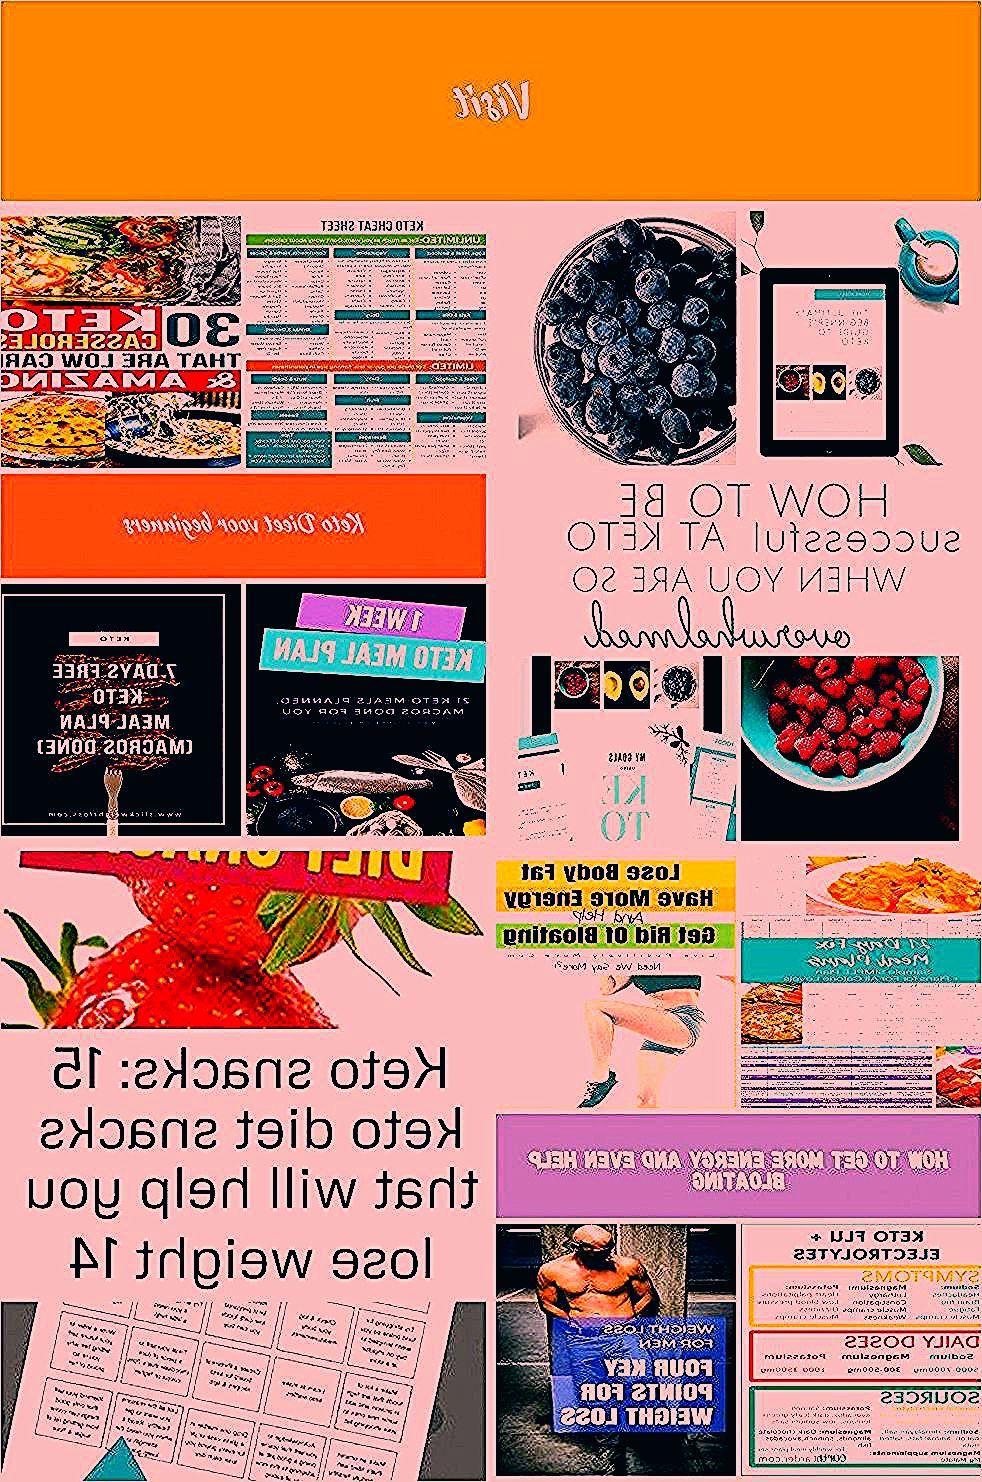 keto diet for beginners meal planketo diet for beginners meal plan week 1keto